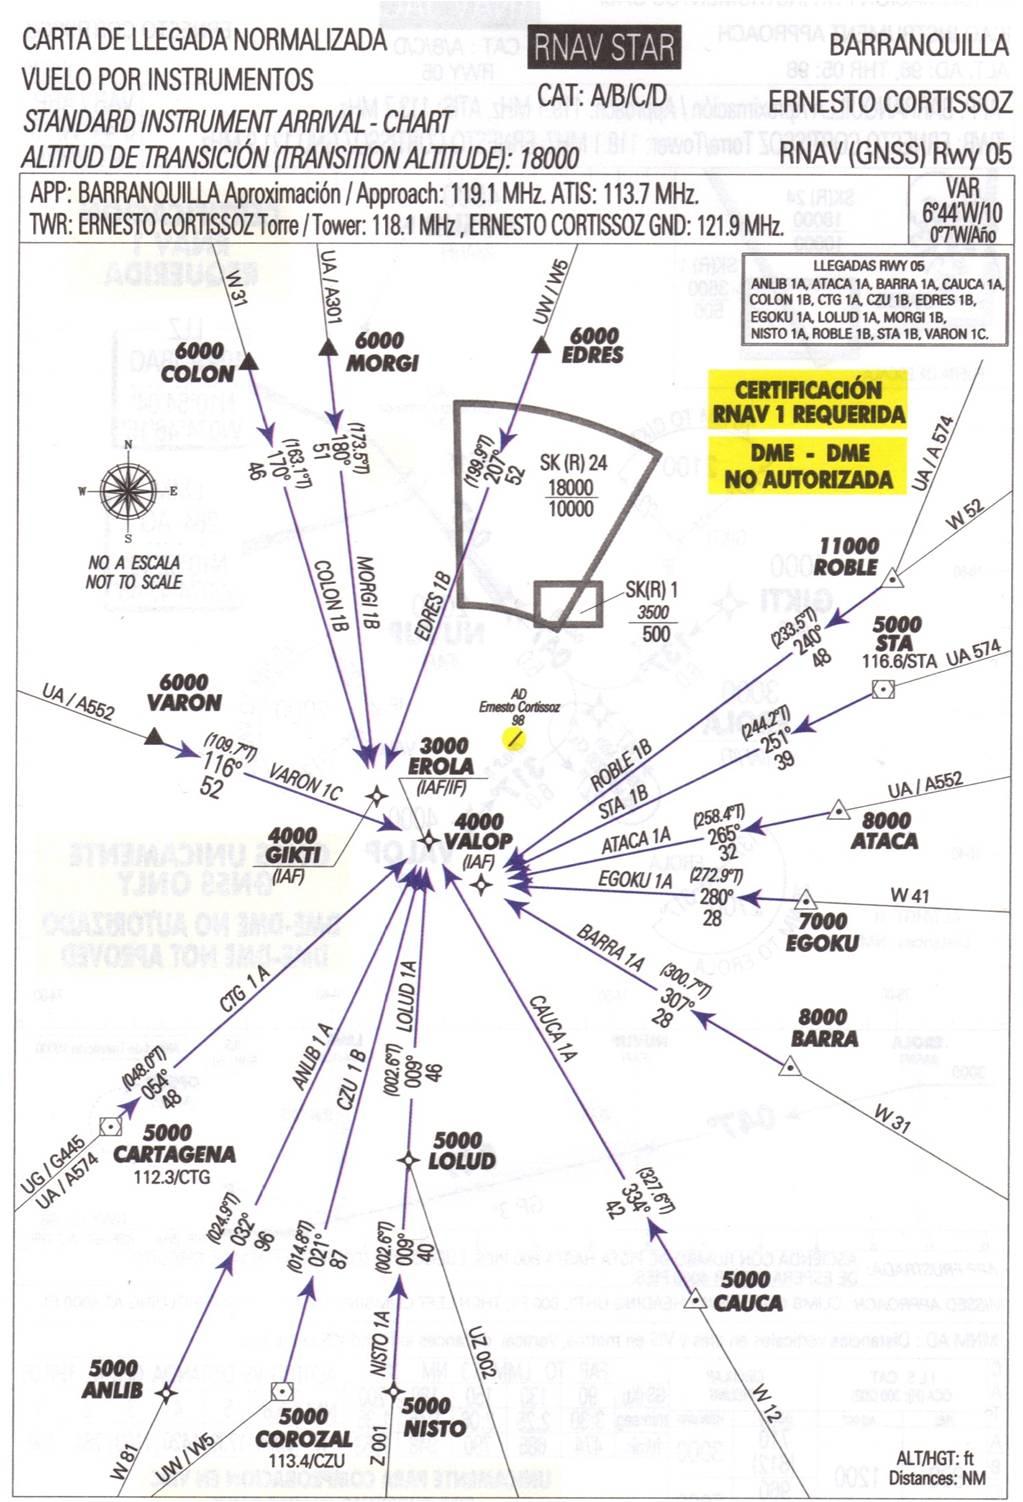 INFORMACIÓN AERONÁUTICA: ESPECIFICACION DE NAVEGACION RNAV-1